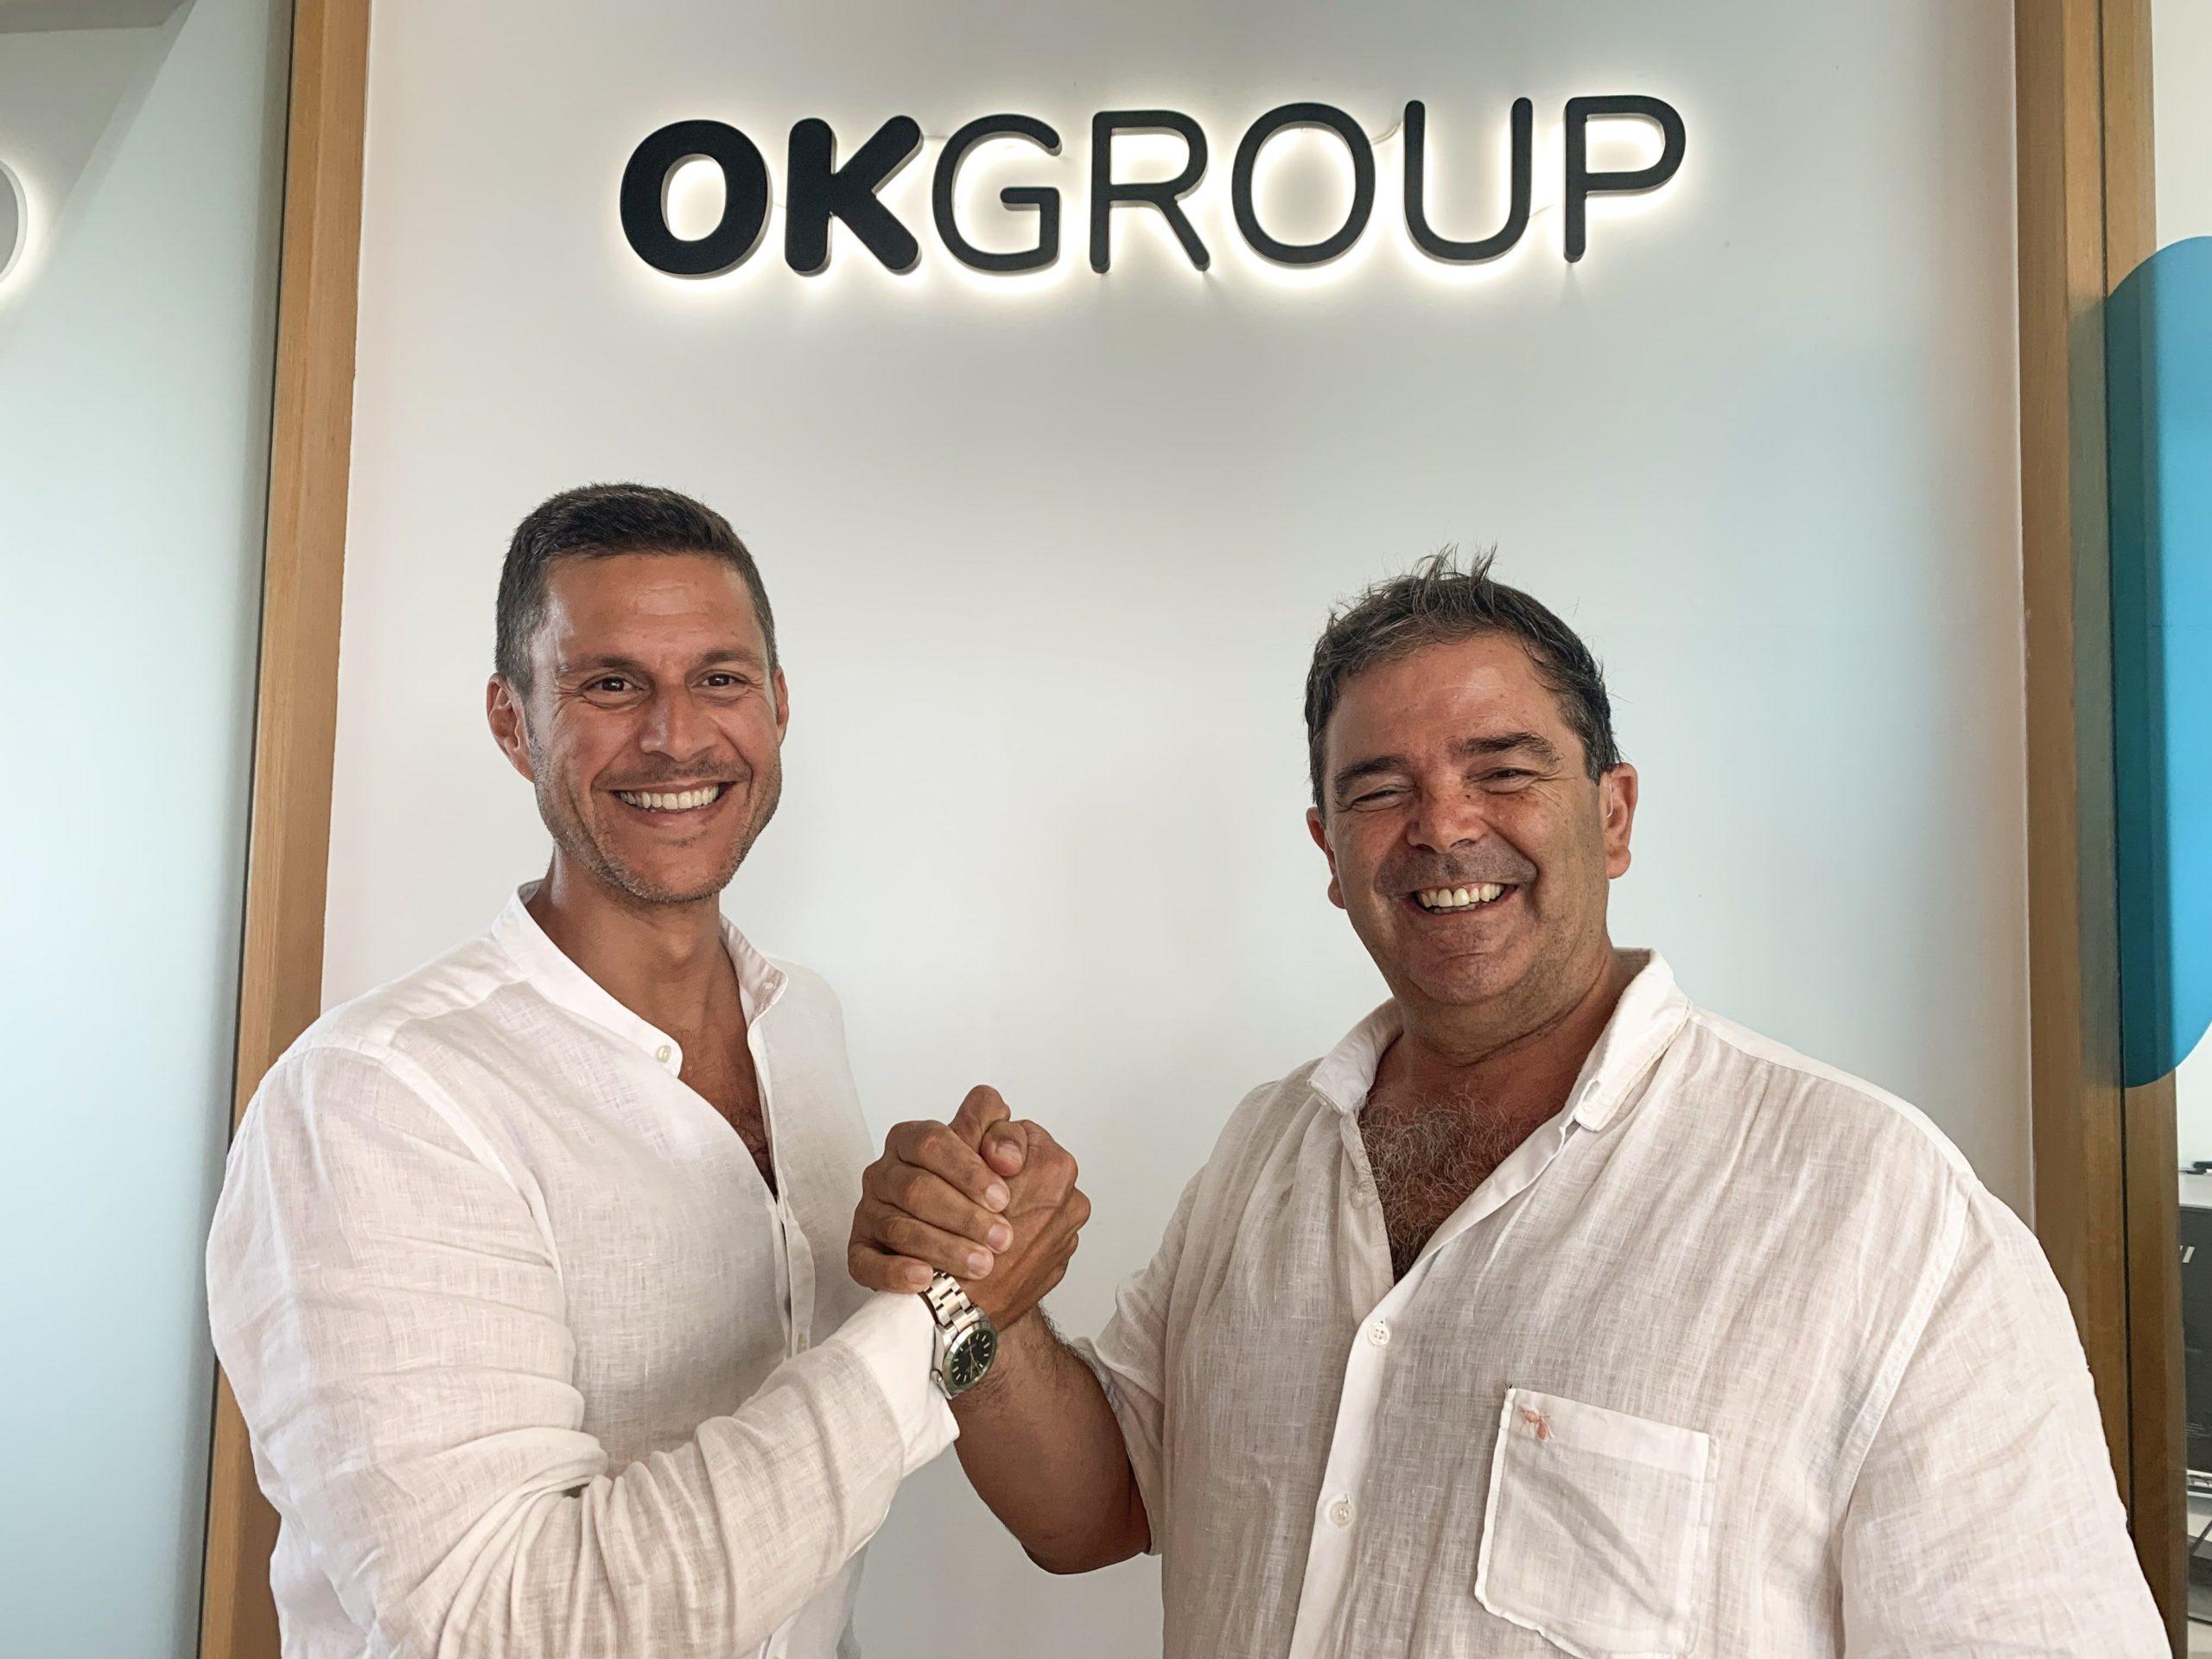 Nace OKLogi Hotels, la unión entre OK Group y Smy Hotels para la gestión conjunta internacional de hoteles